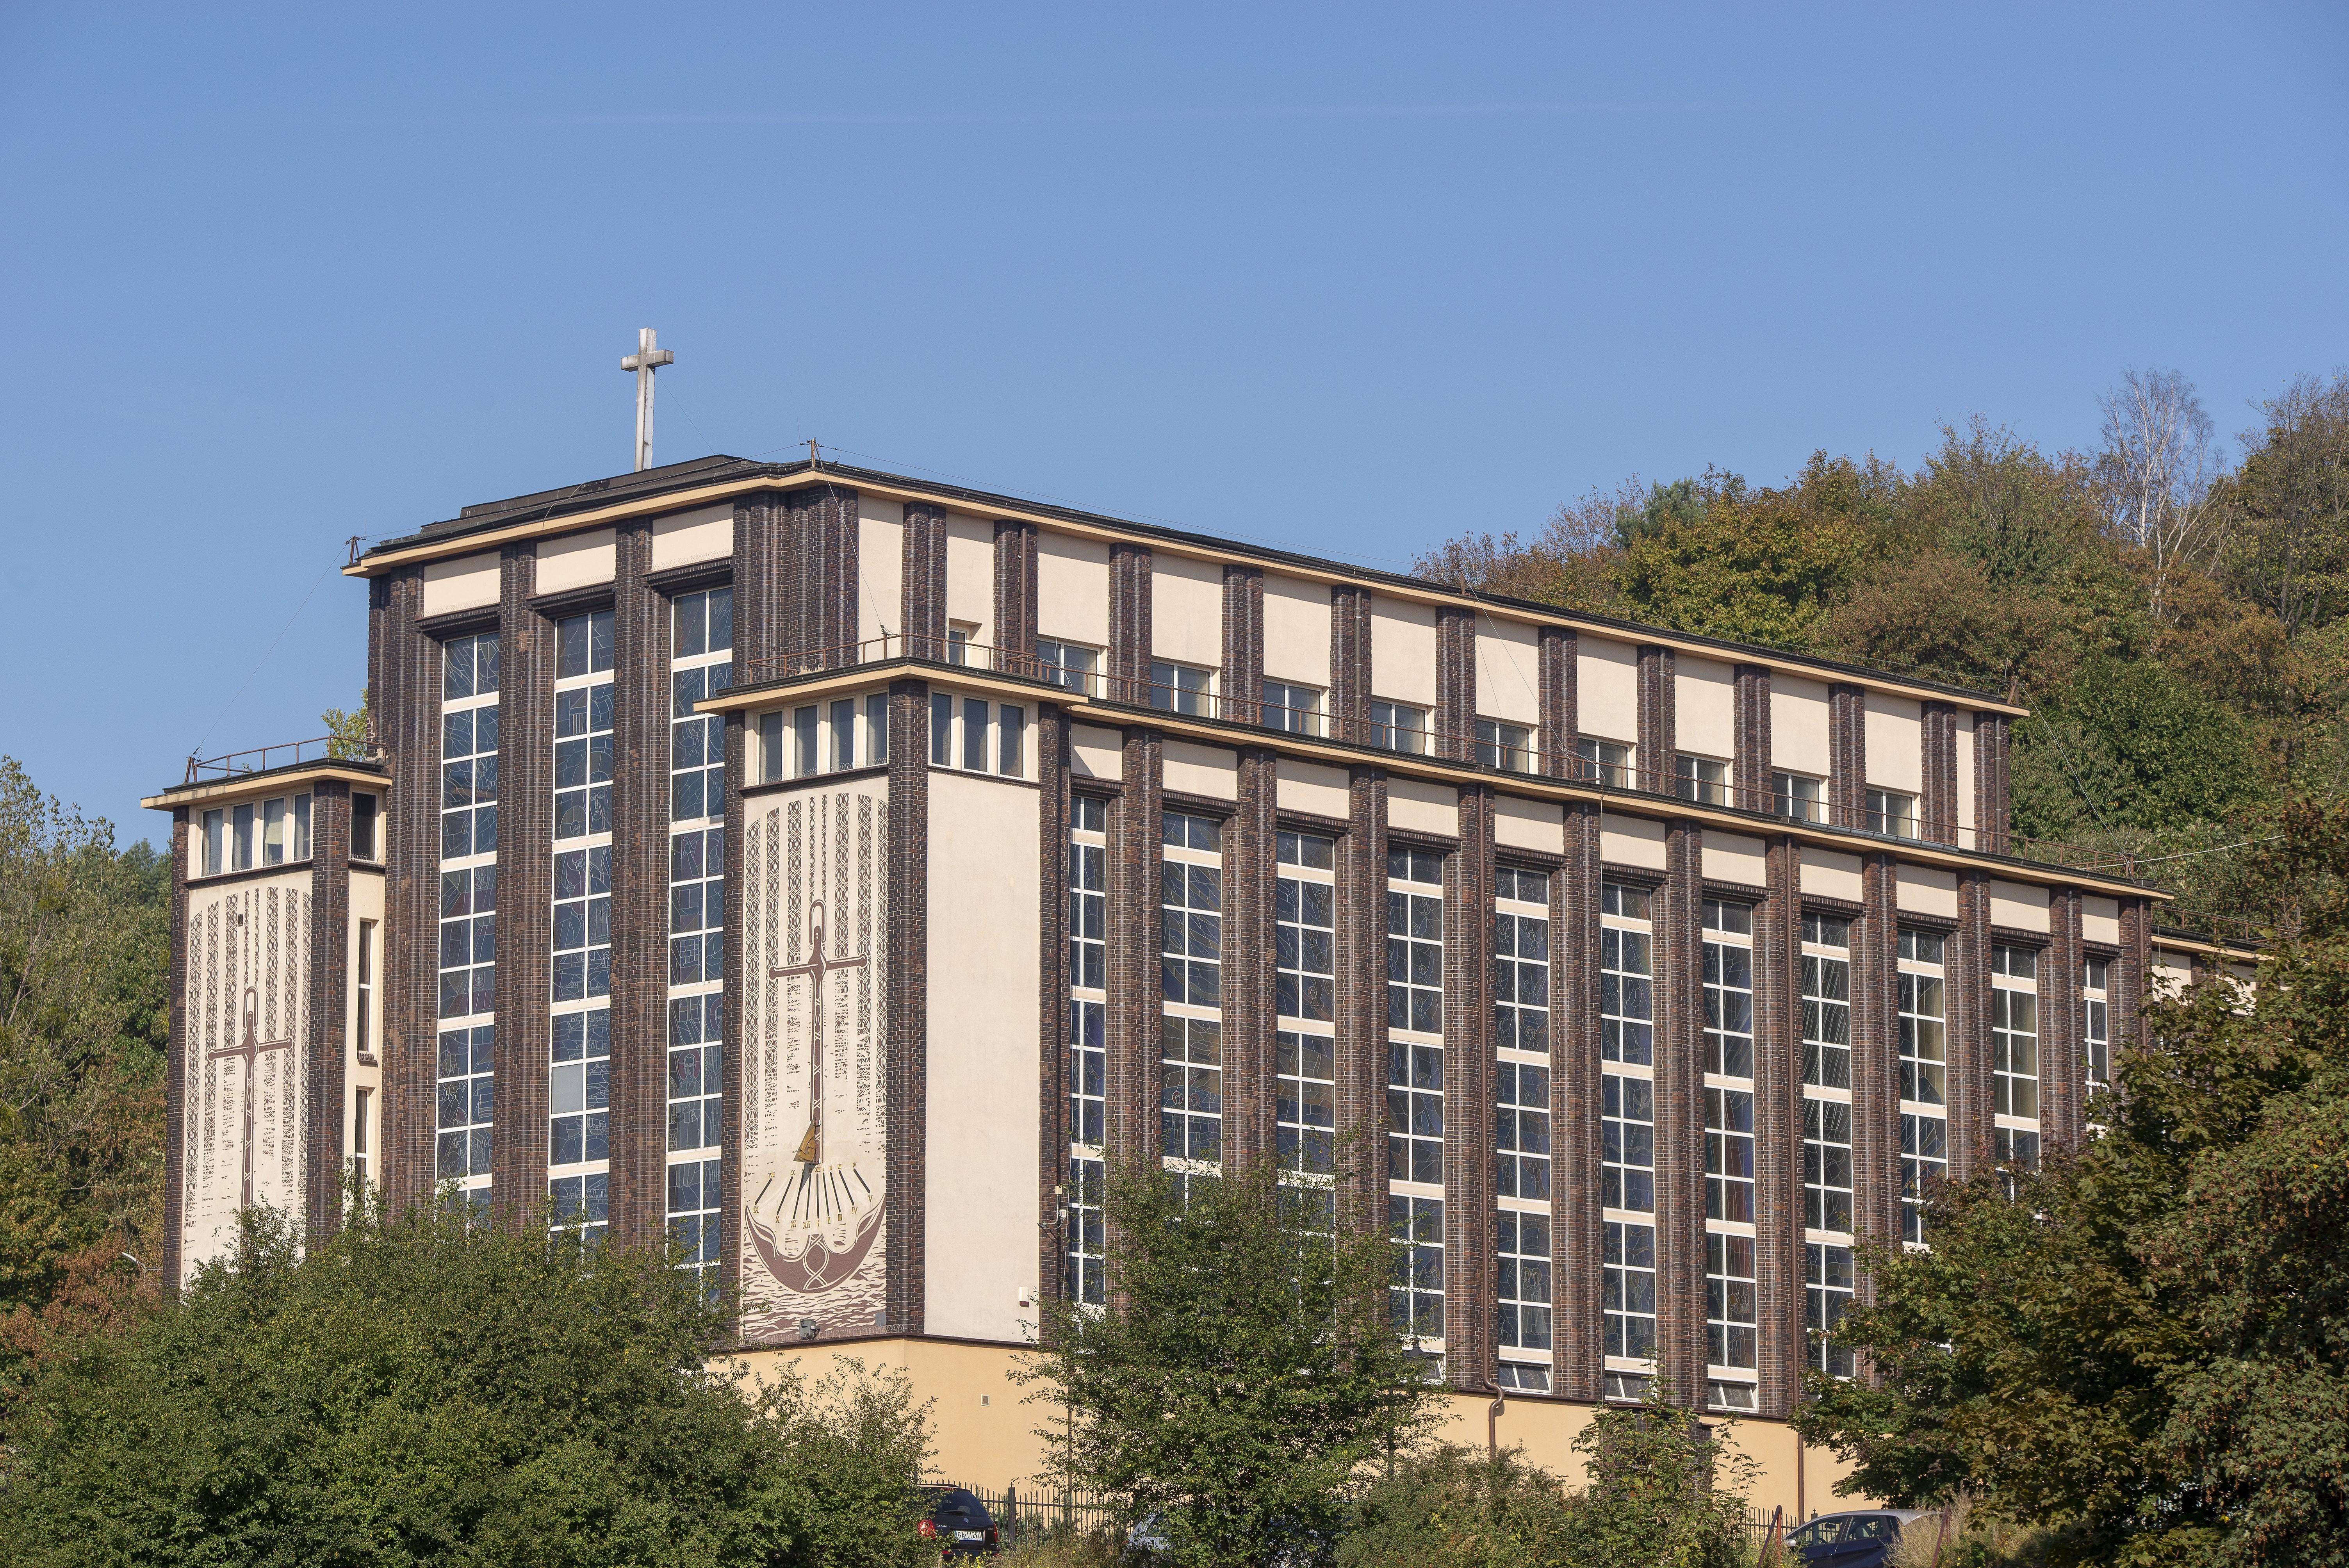 Kościół garnizonowy pw. Matki Boskiej Częstochowskiej przy ul. Śmidowicza 45a na Oksywiu.